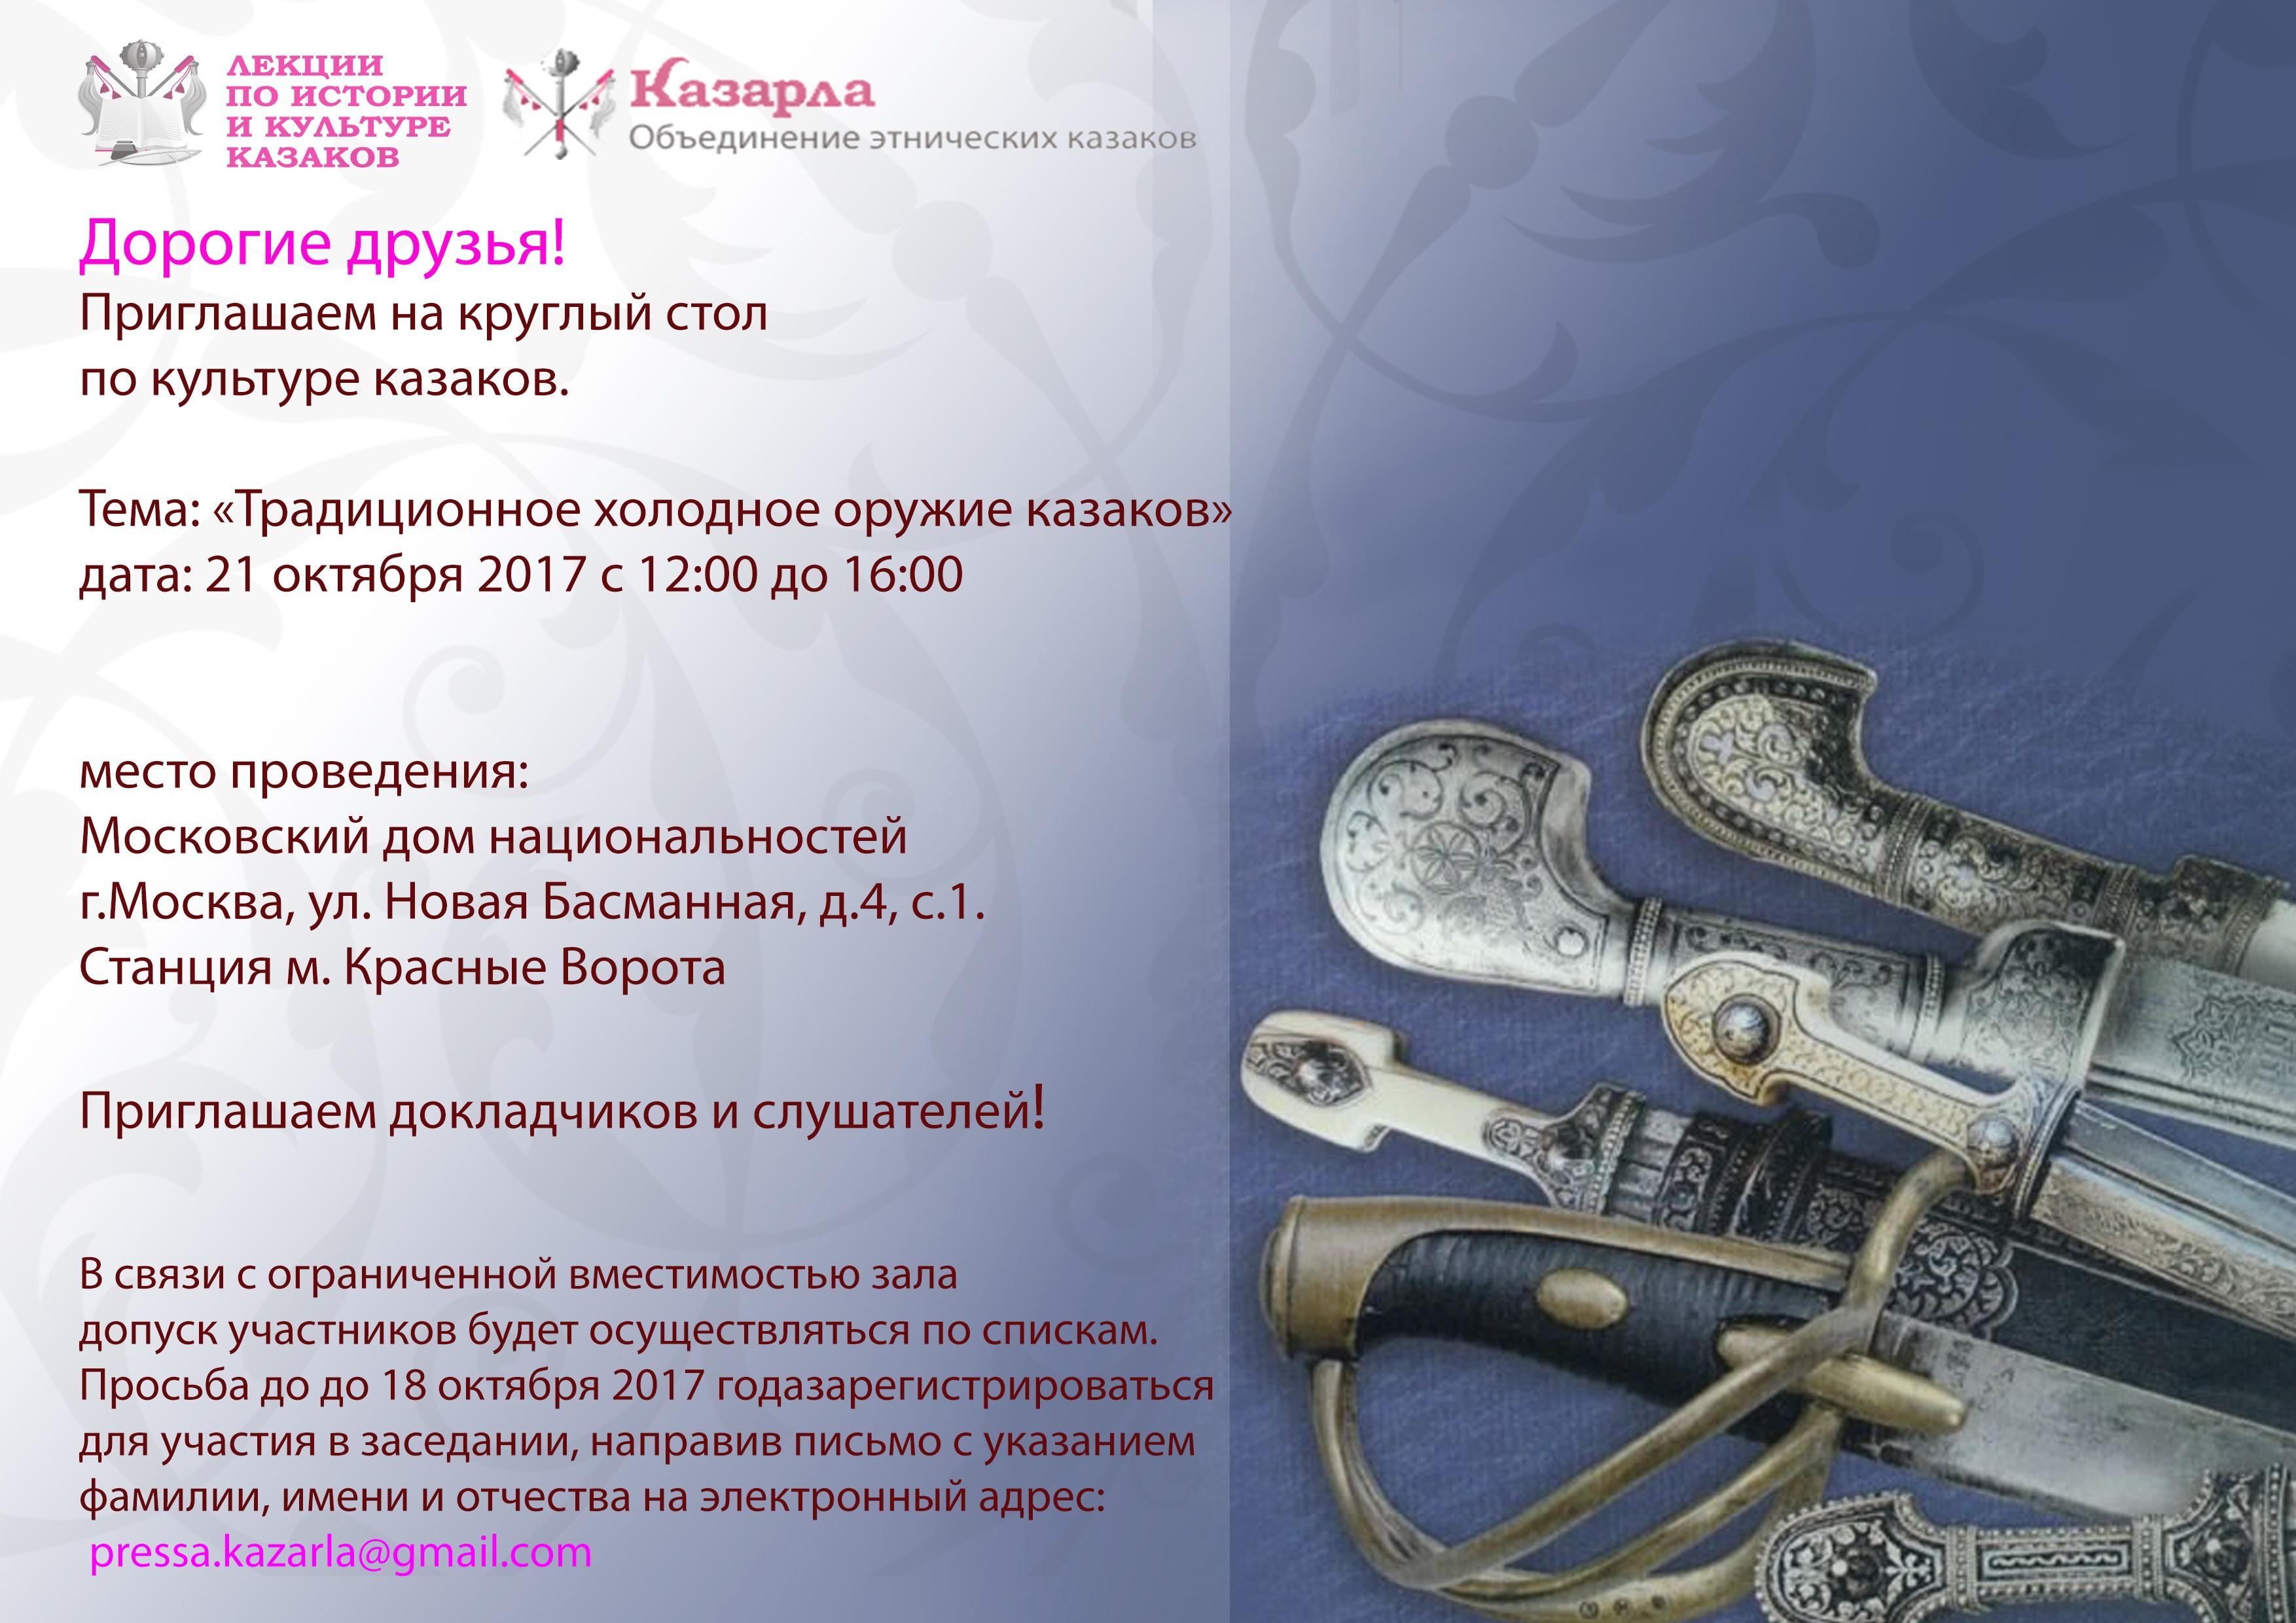 лекции казаки